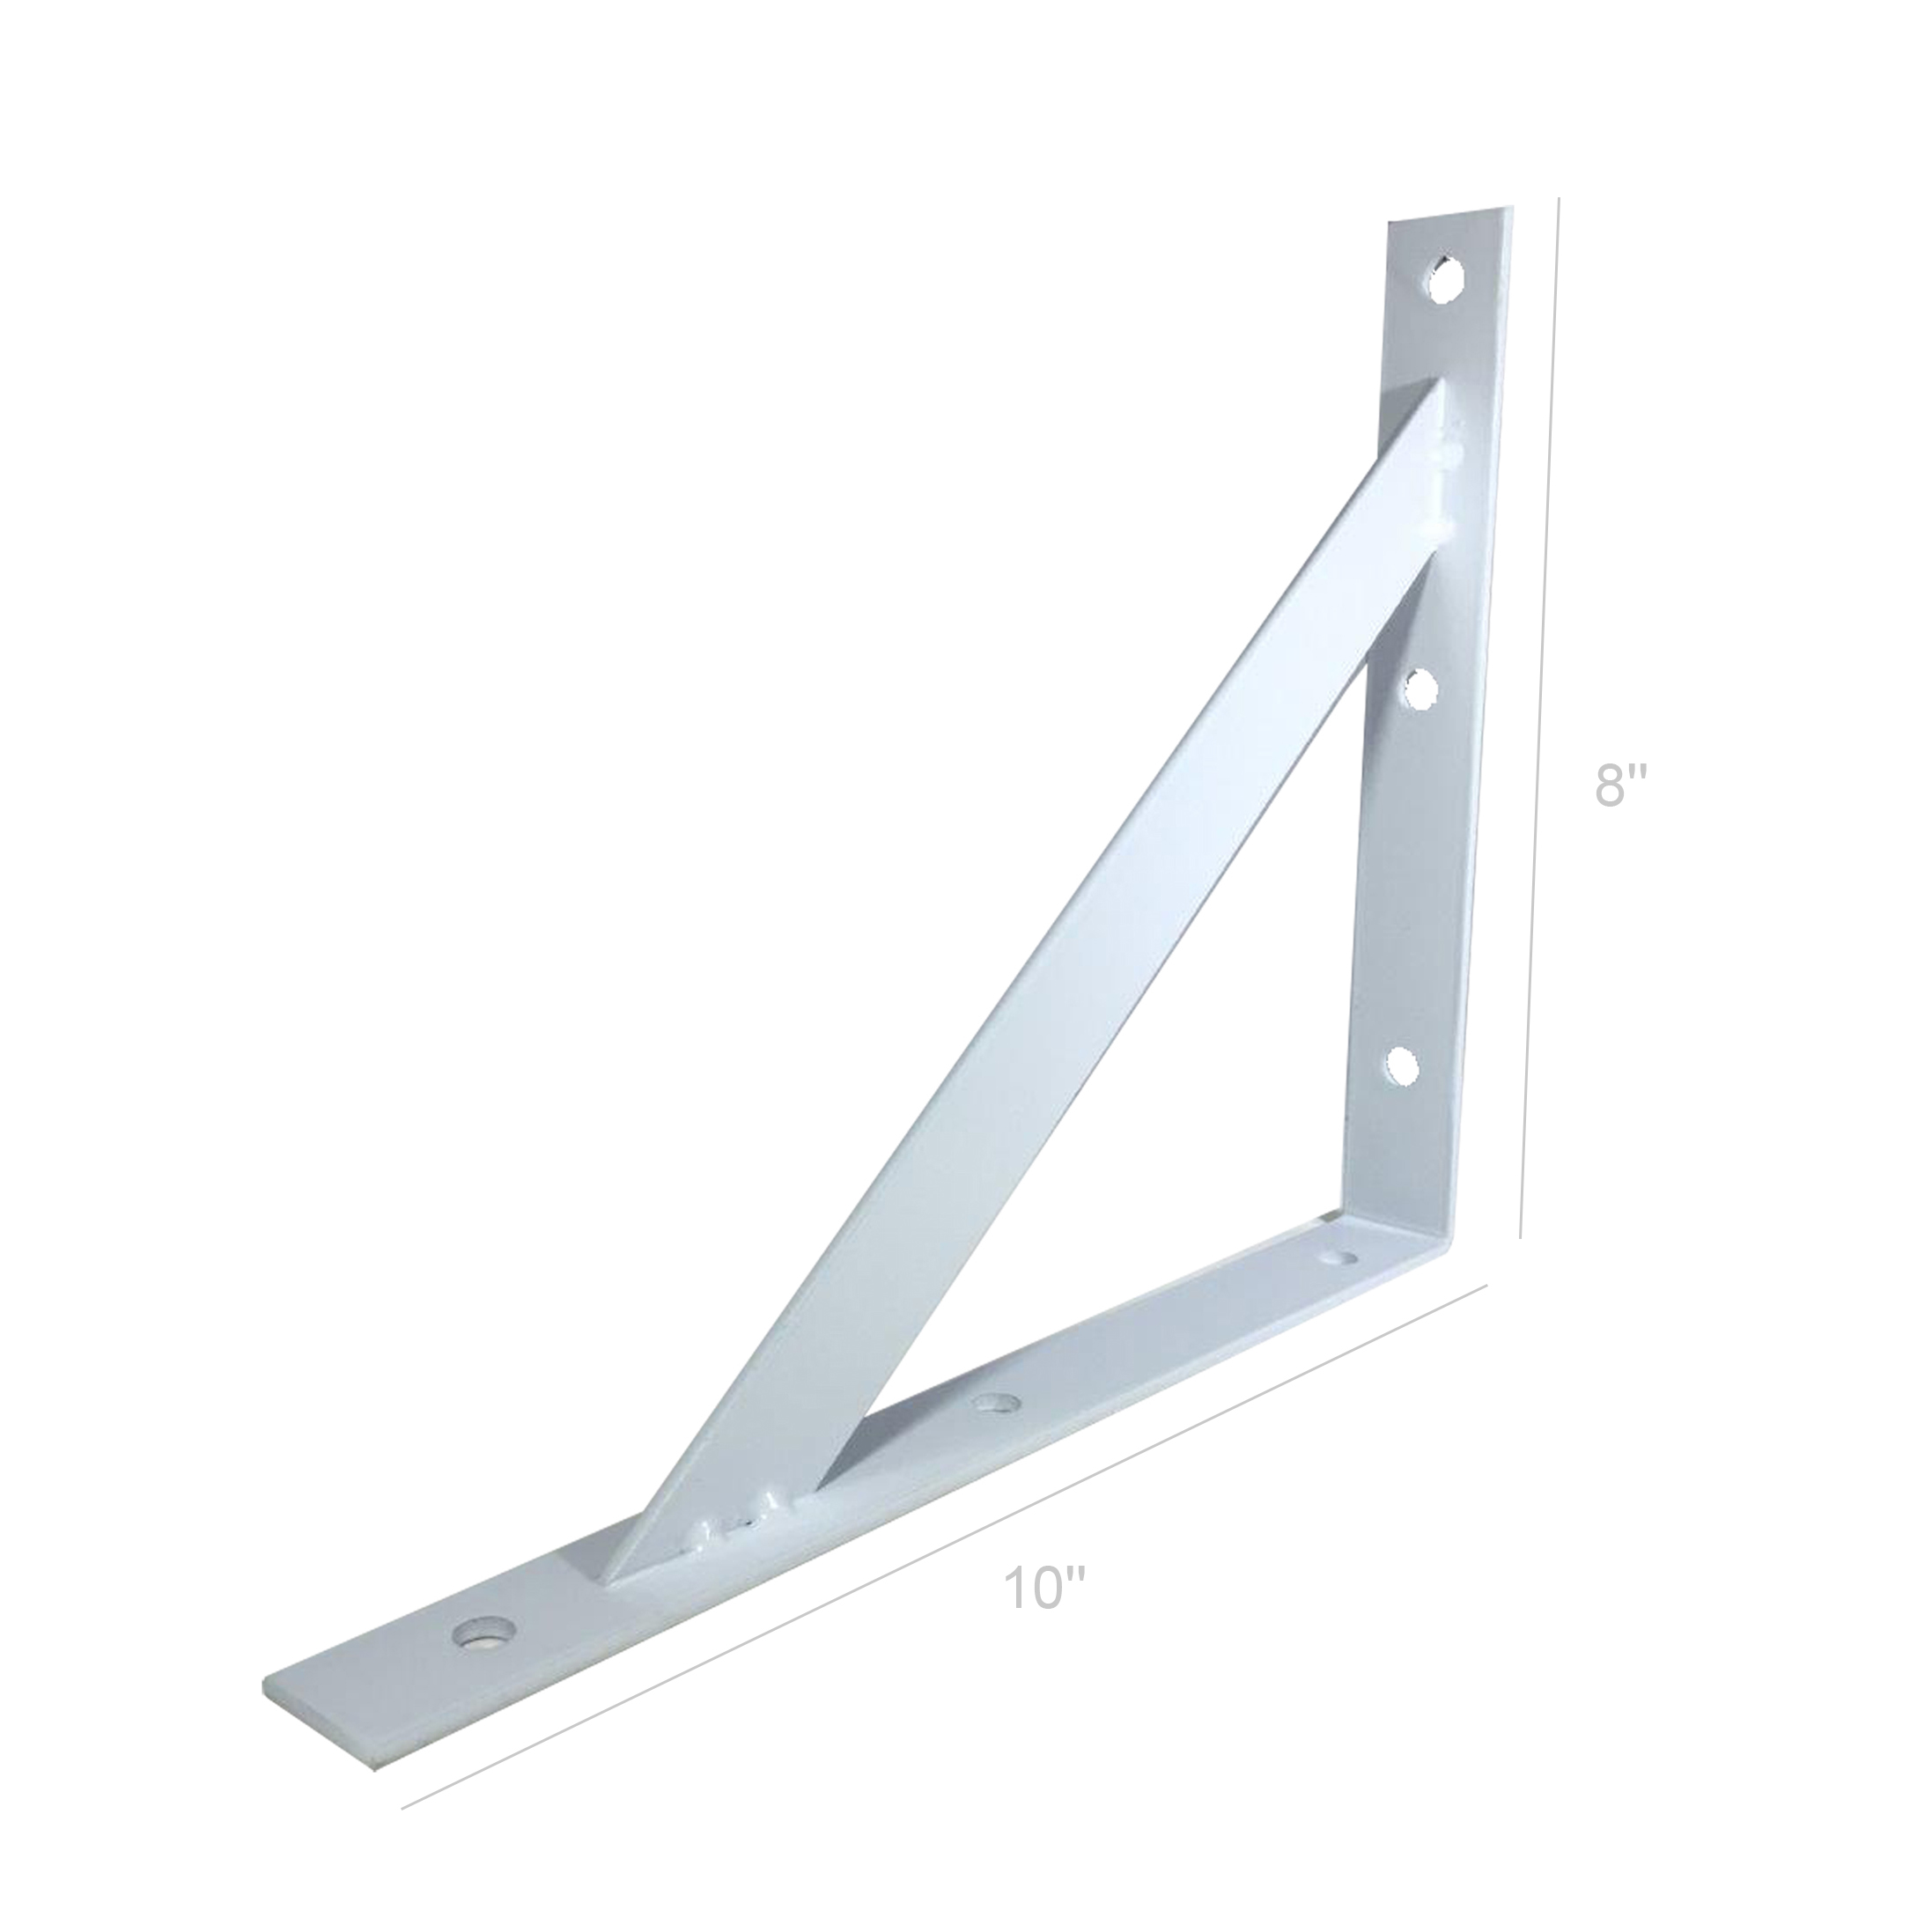 wall mount shelf bracket metal shelf hardware heavy duty. Black Bedroom Furniture Sets. Home Design Ideas